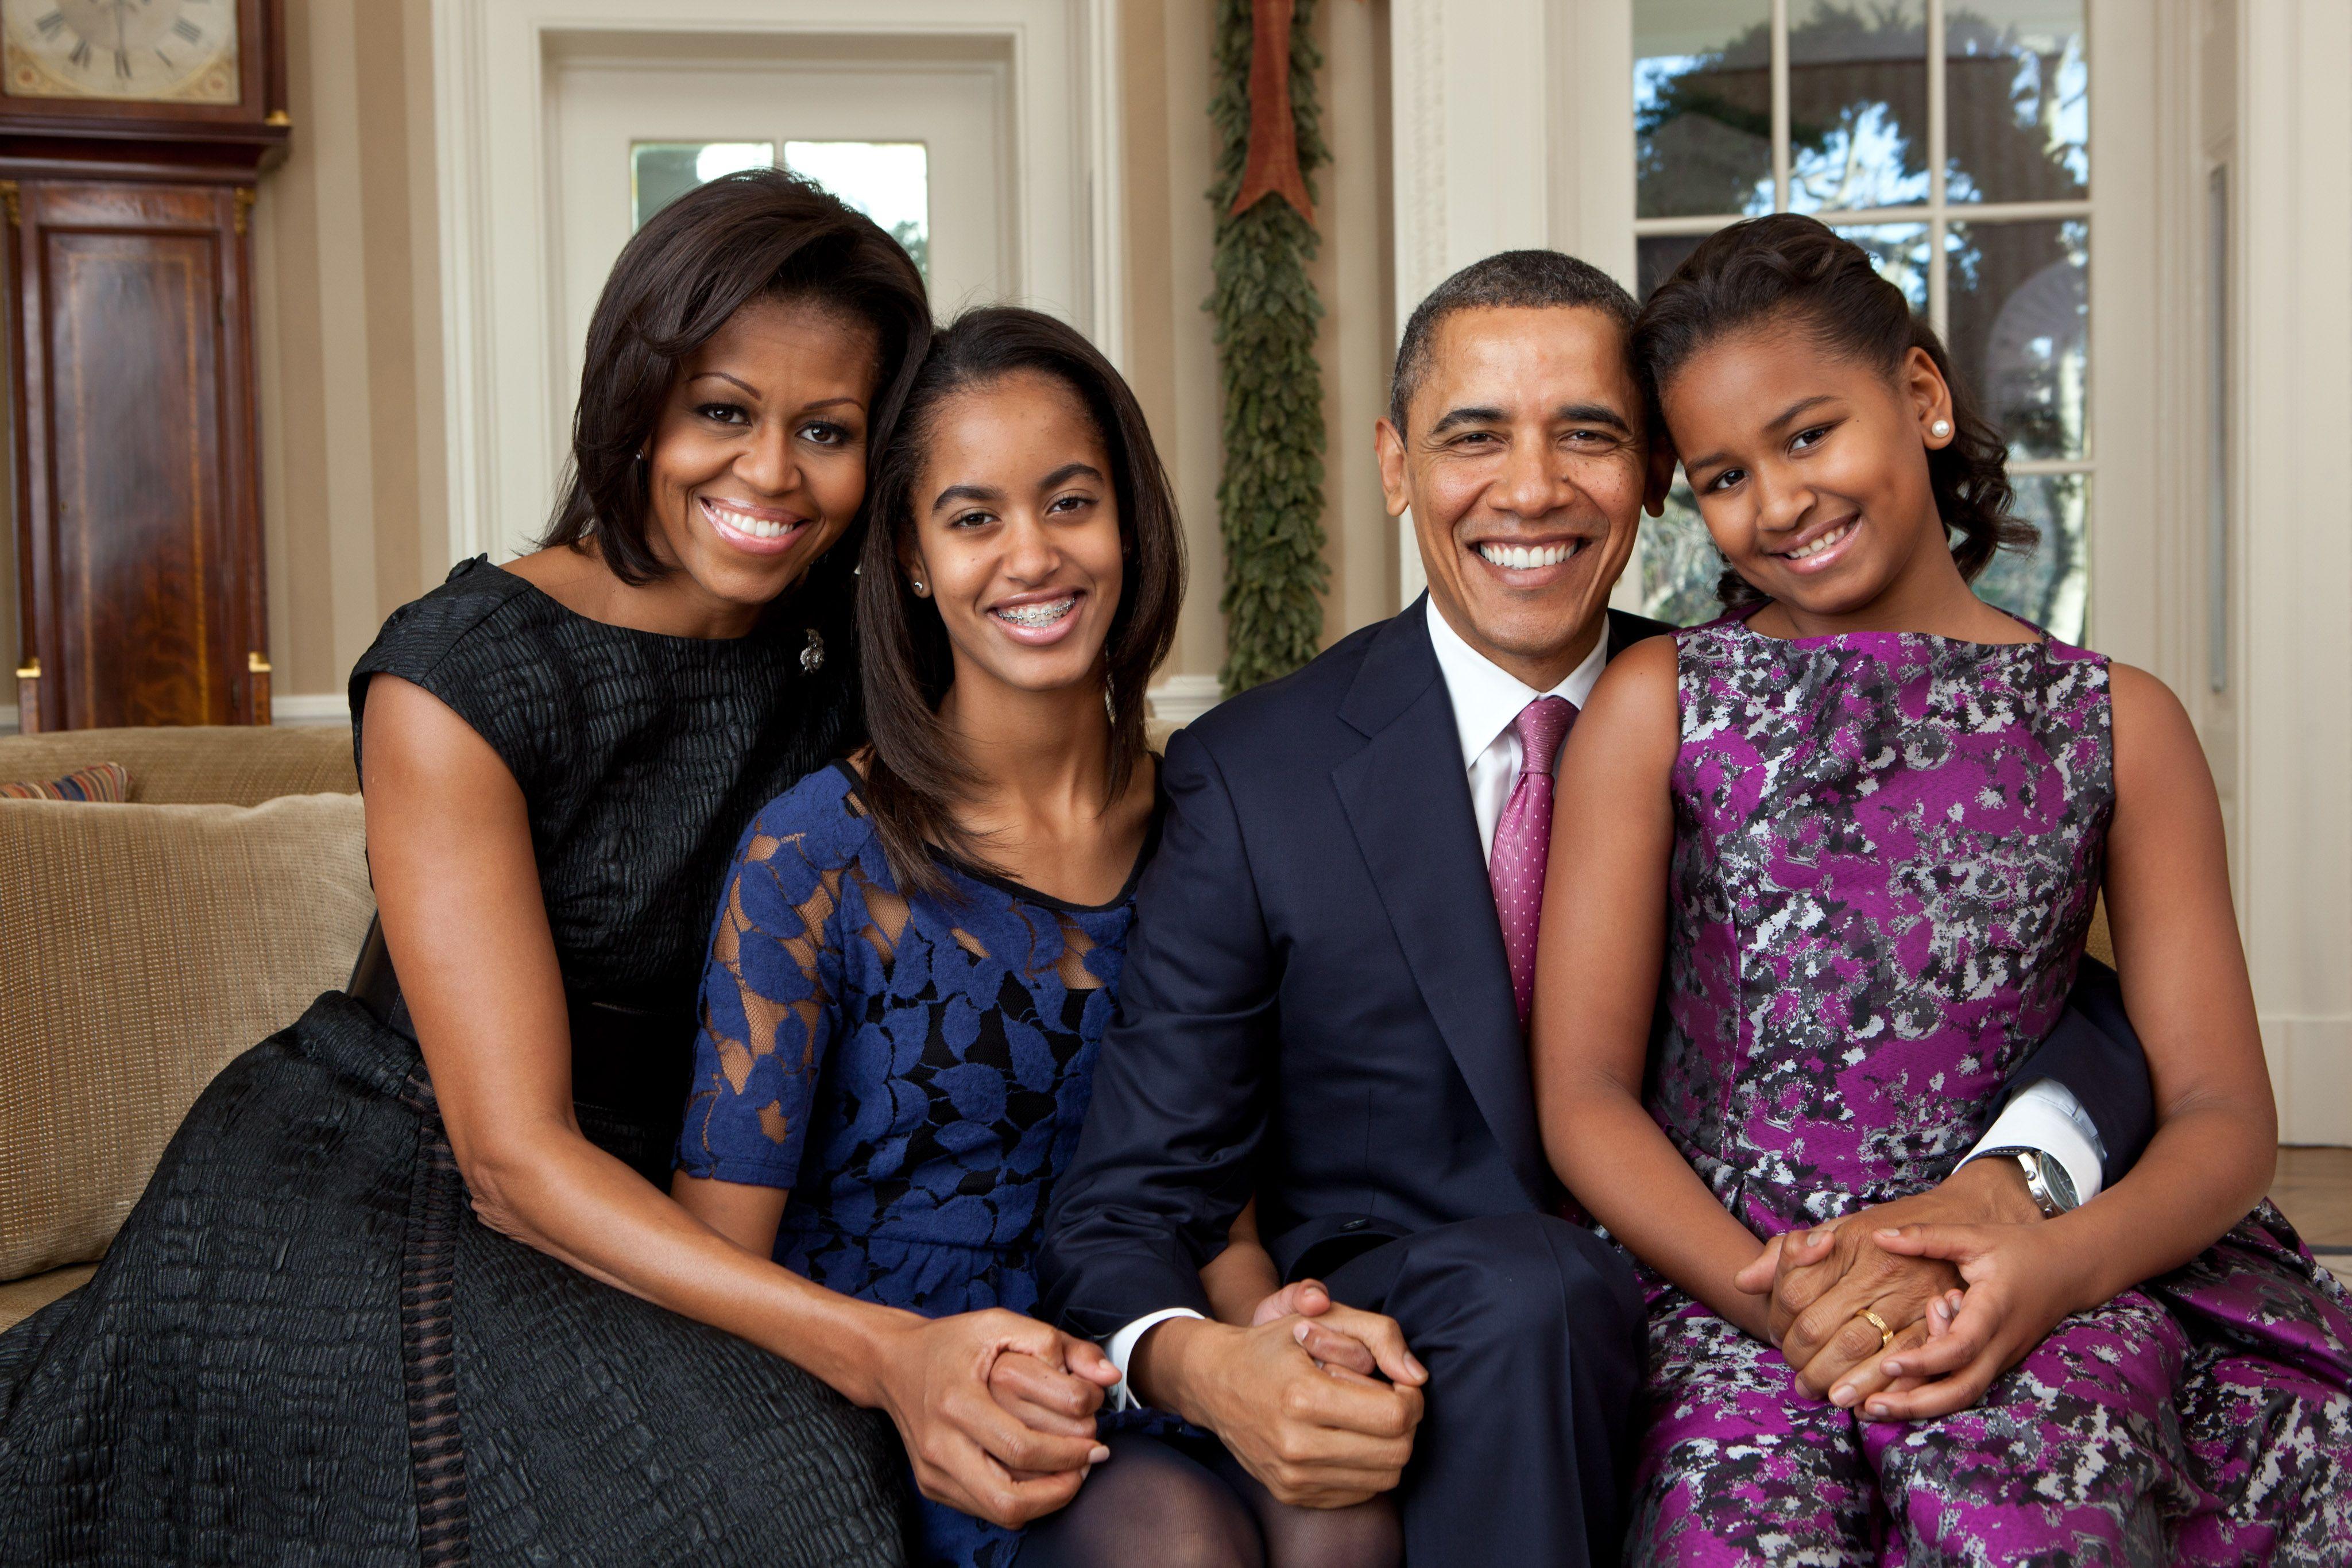 Michelle, Barack, Malia, and Sasha Obama